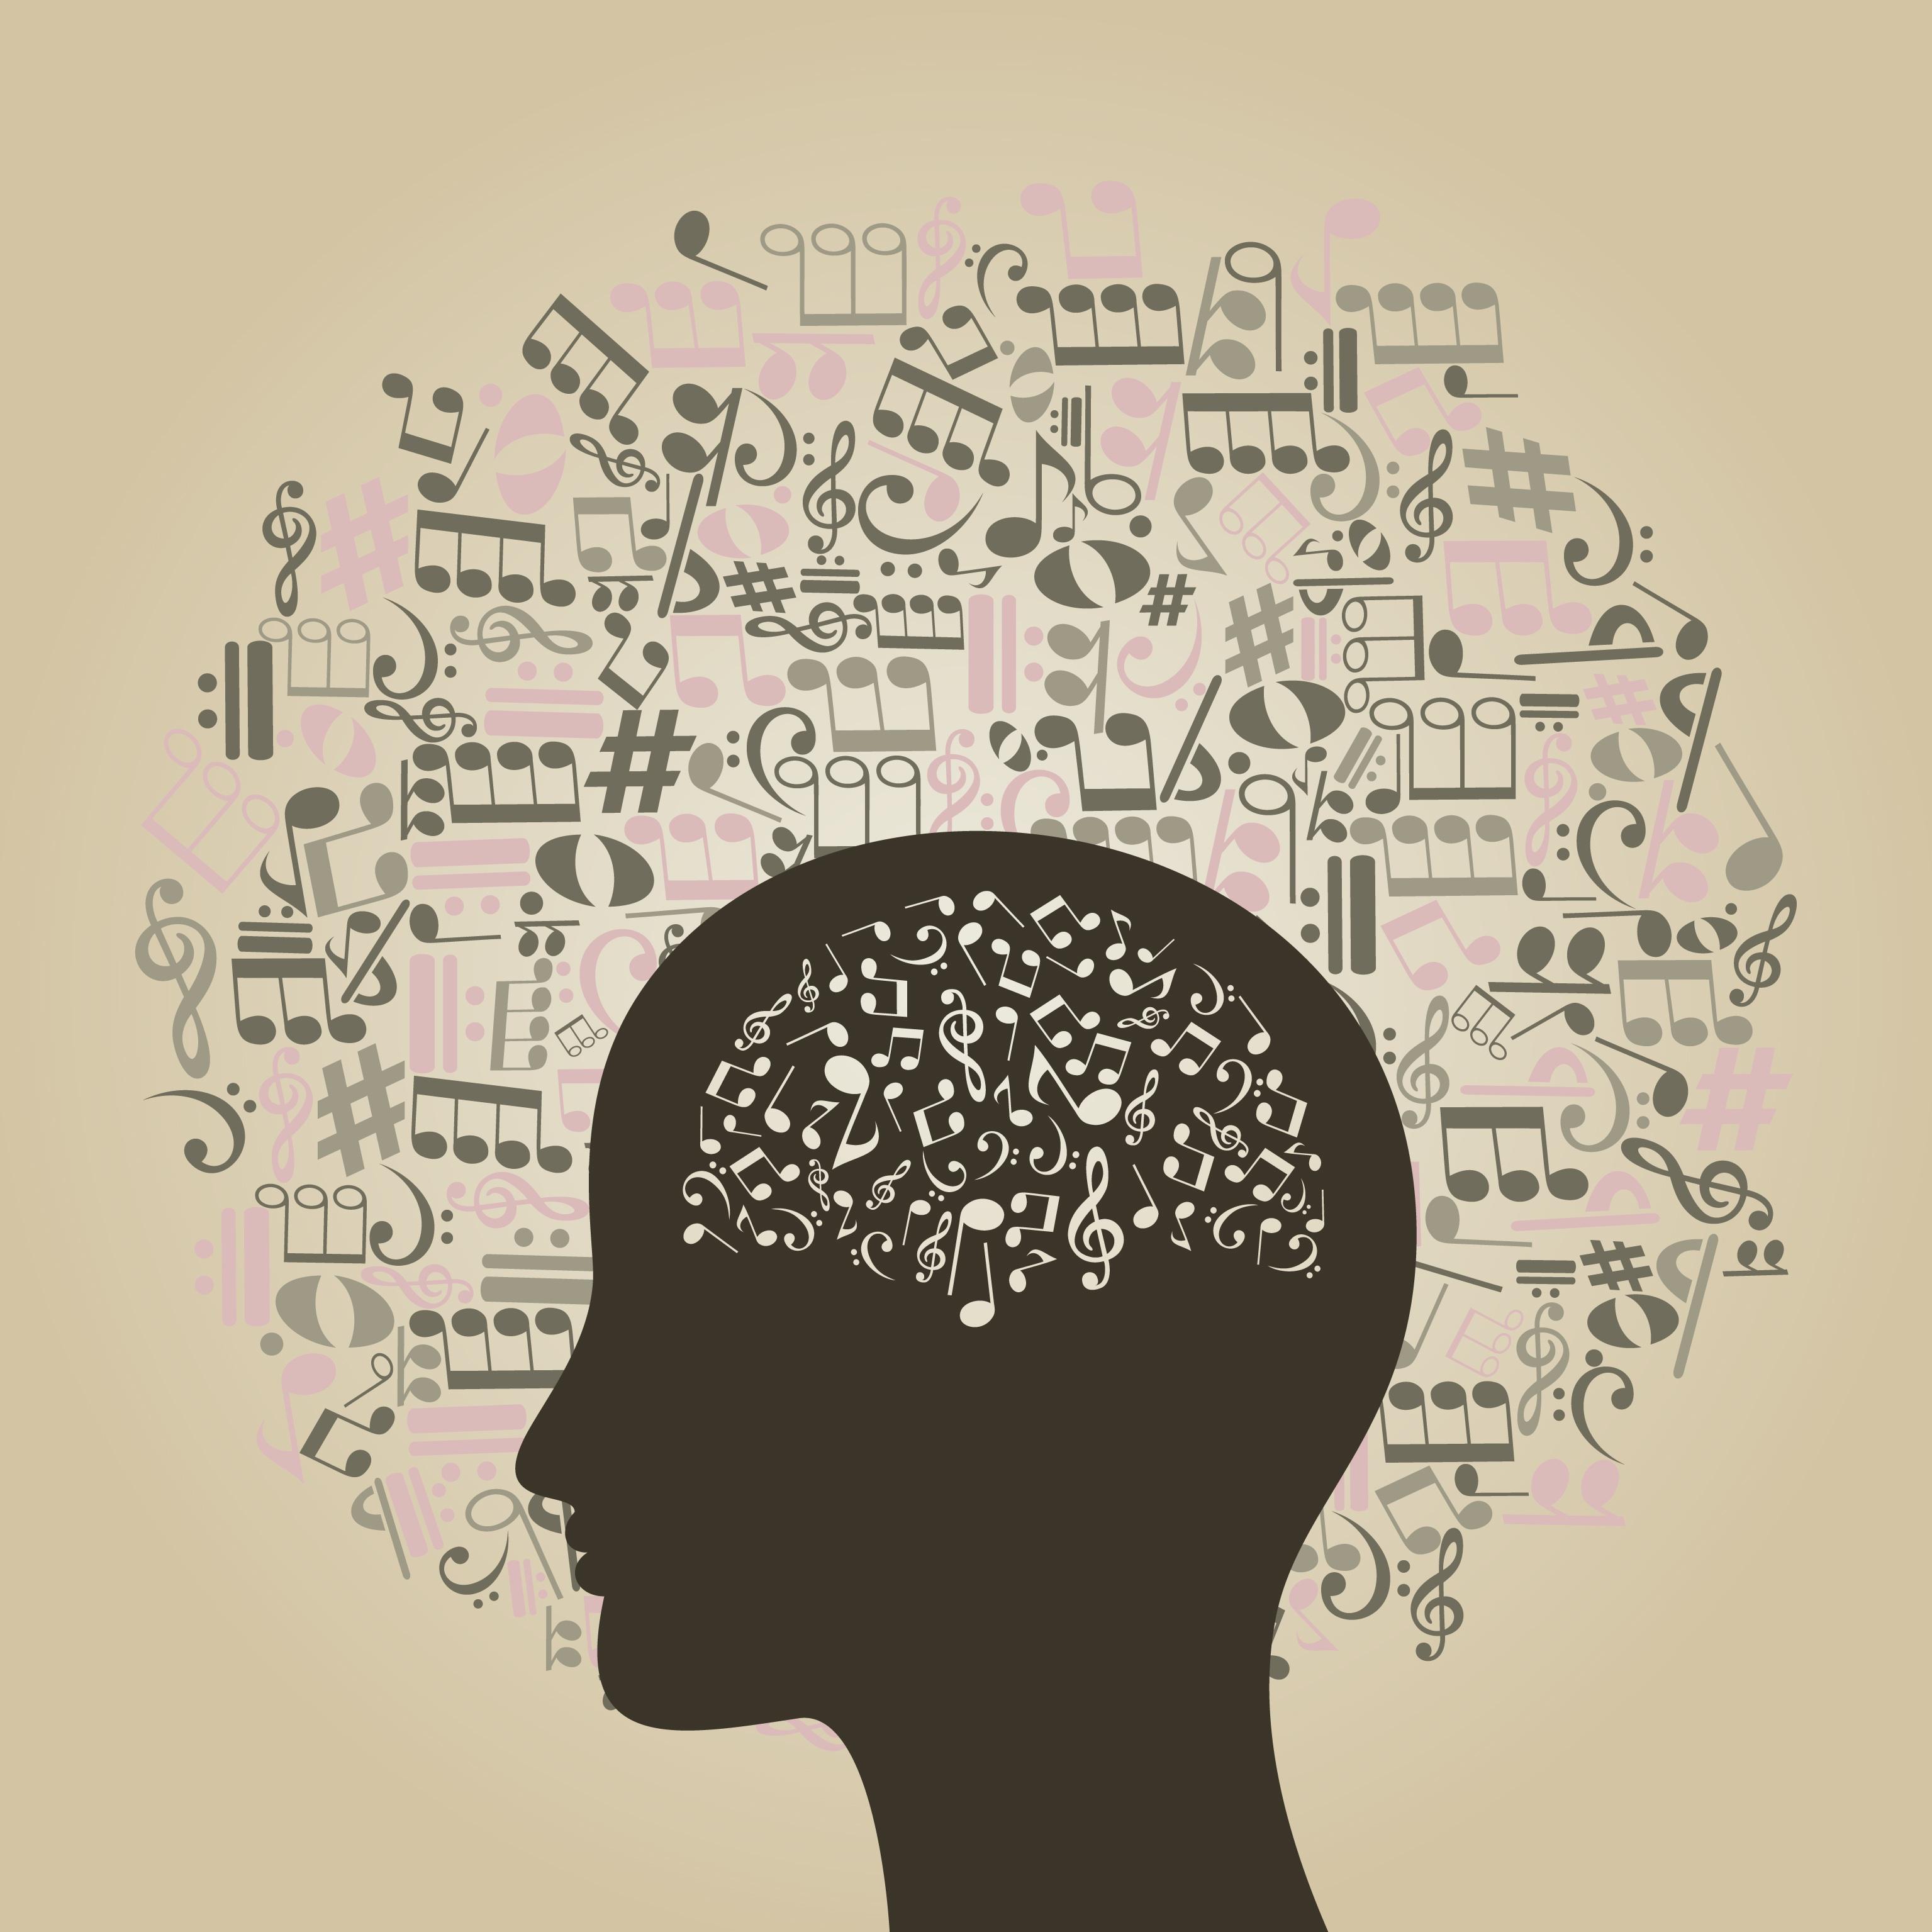 מוזיקה כתרופה